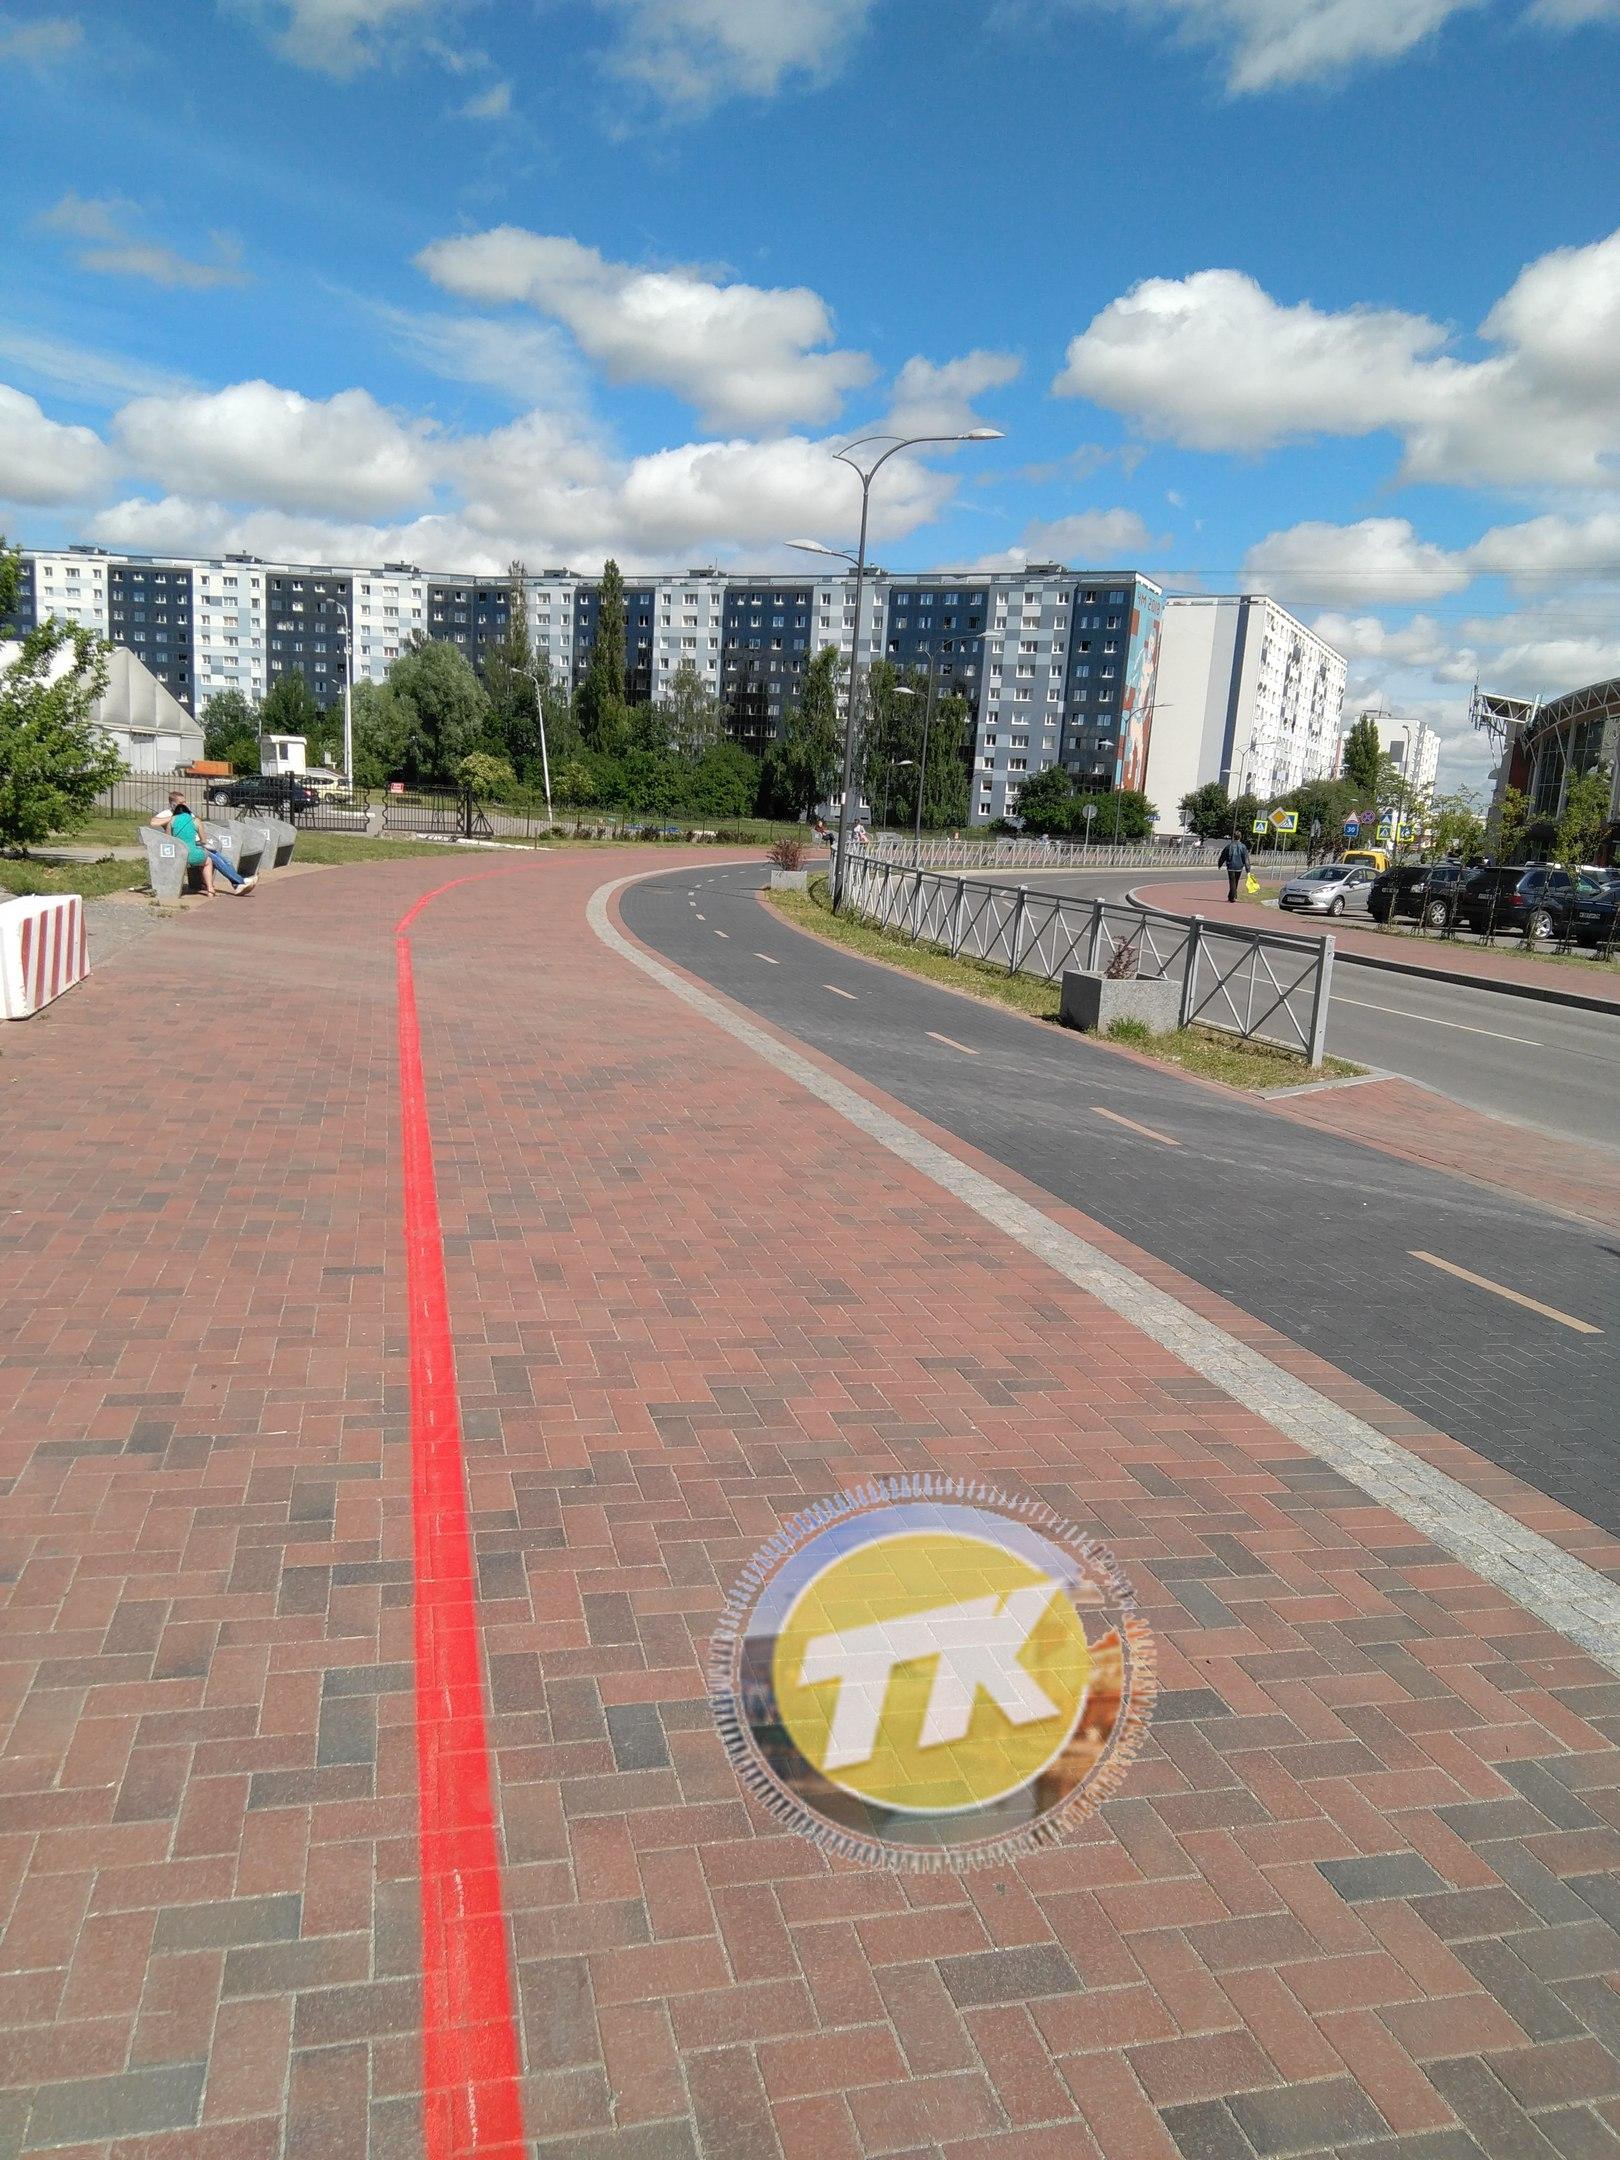 В Калининграде нарисовали обещанную красную линию для болельщиков к стадиону «Калининград».